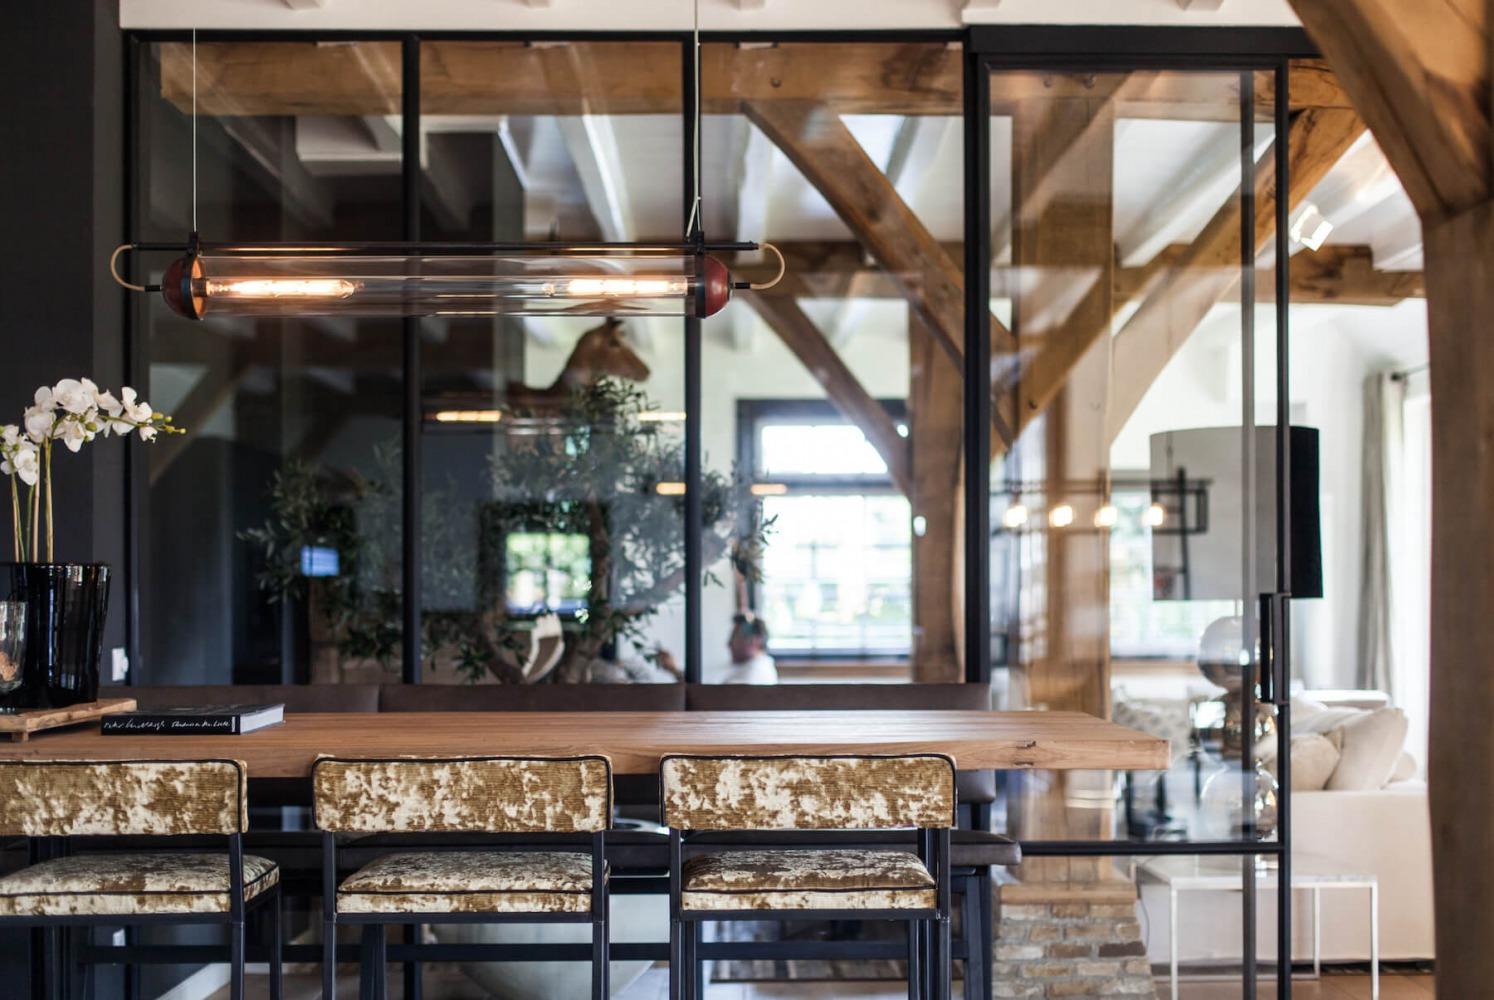 interieurarchitect voor verbouwing moderne villa in Blaricum